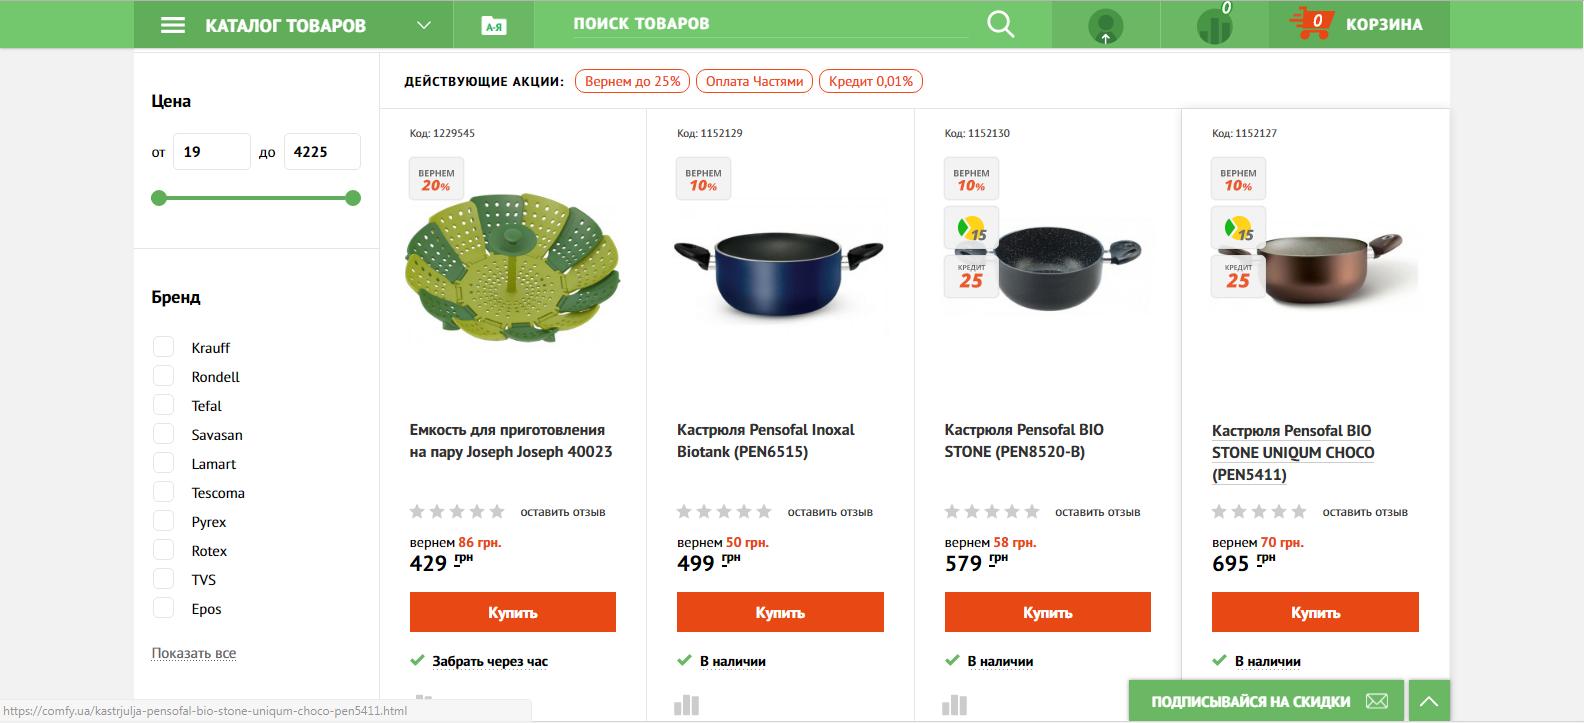 Пример оформления страницы категории со всей необходимой информацией для принятия решения о покупке